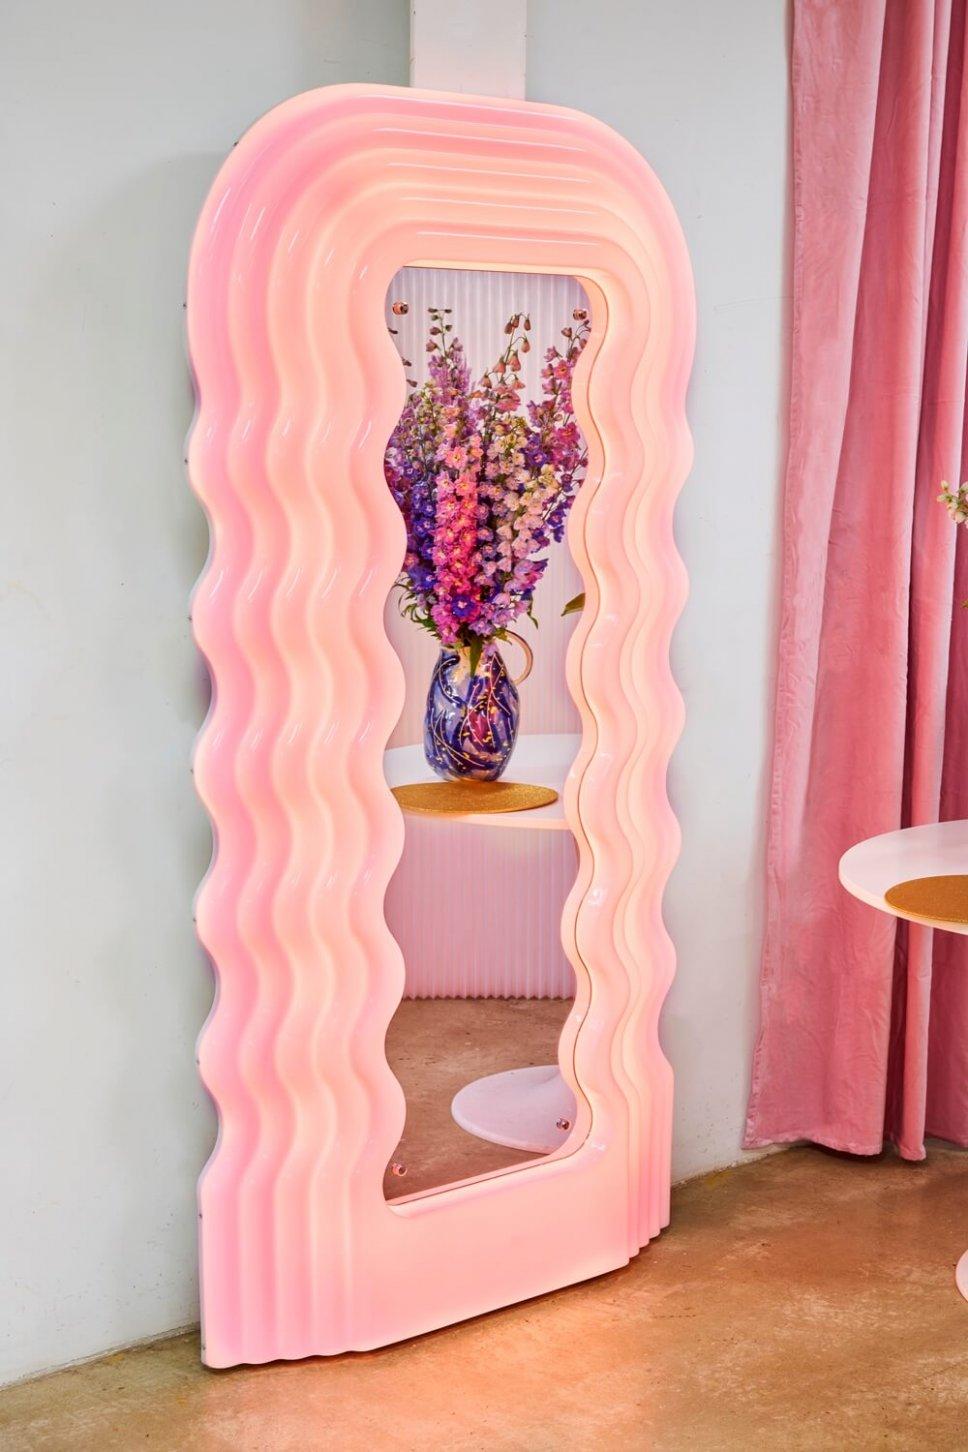 Rosa Standspiegel, in dem sich ein bunten Blumenstrauß spiegeln